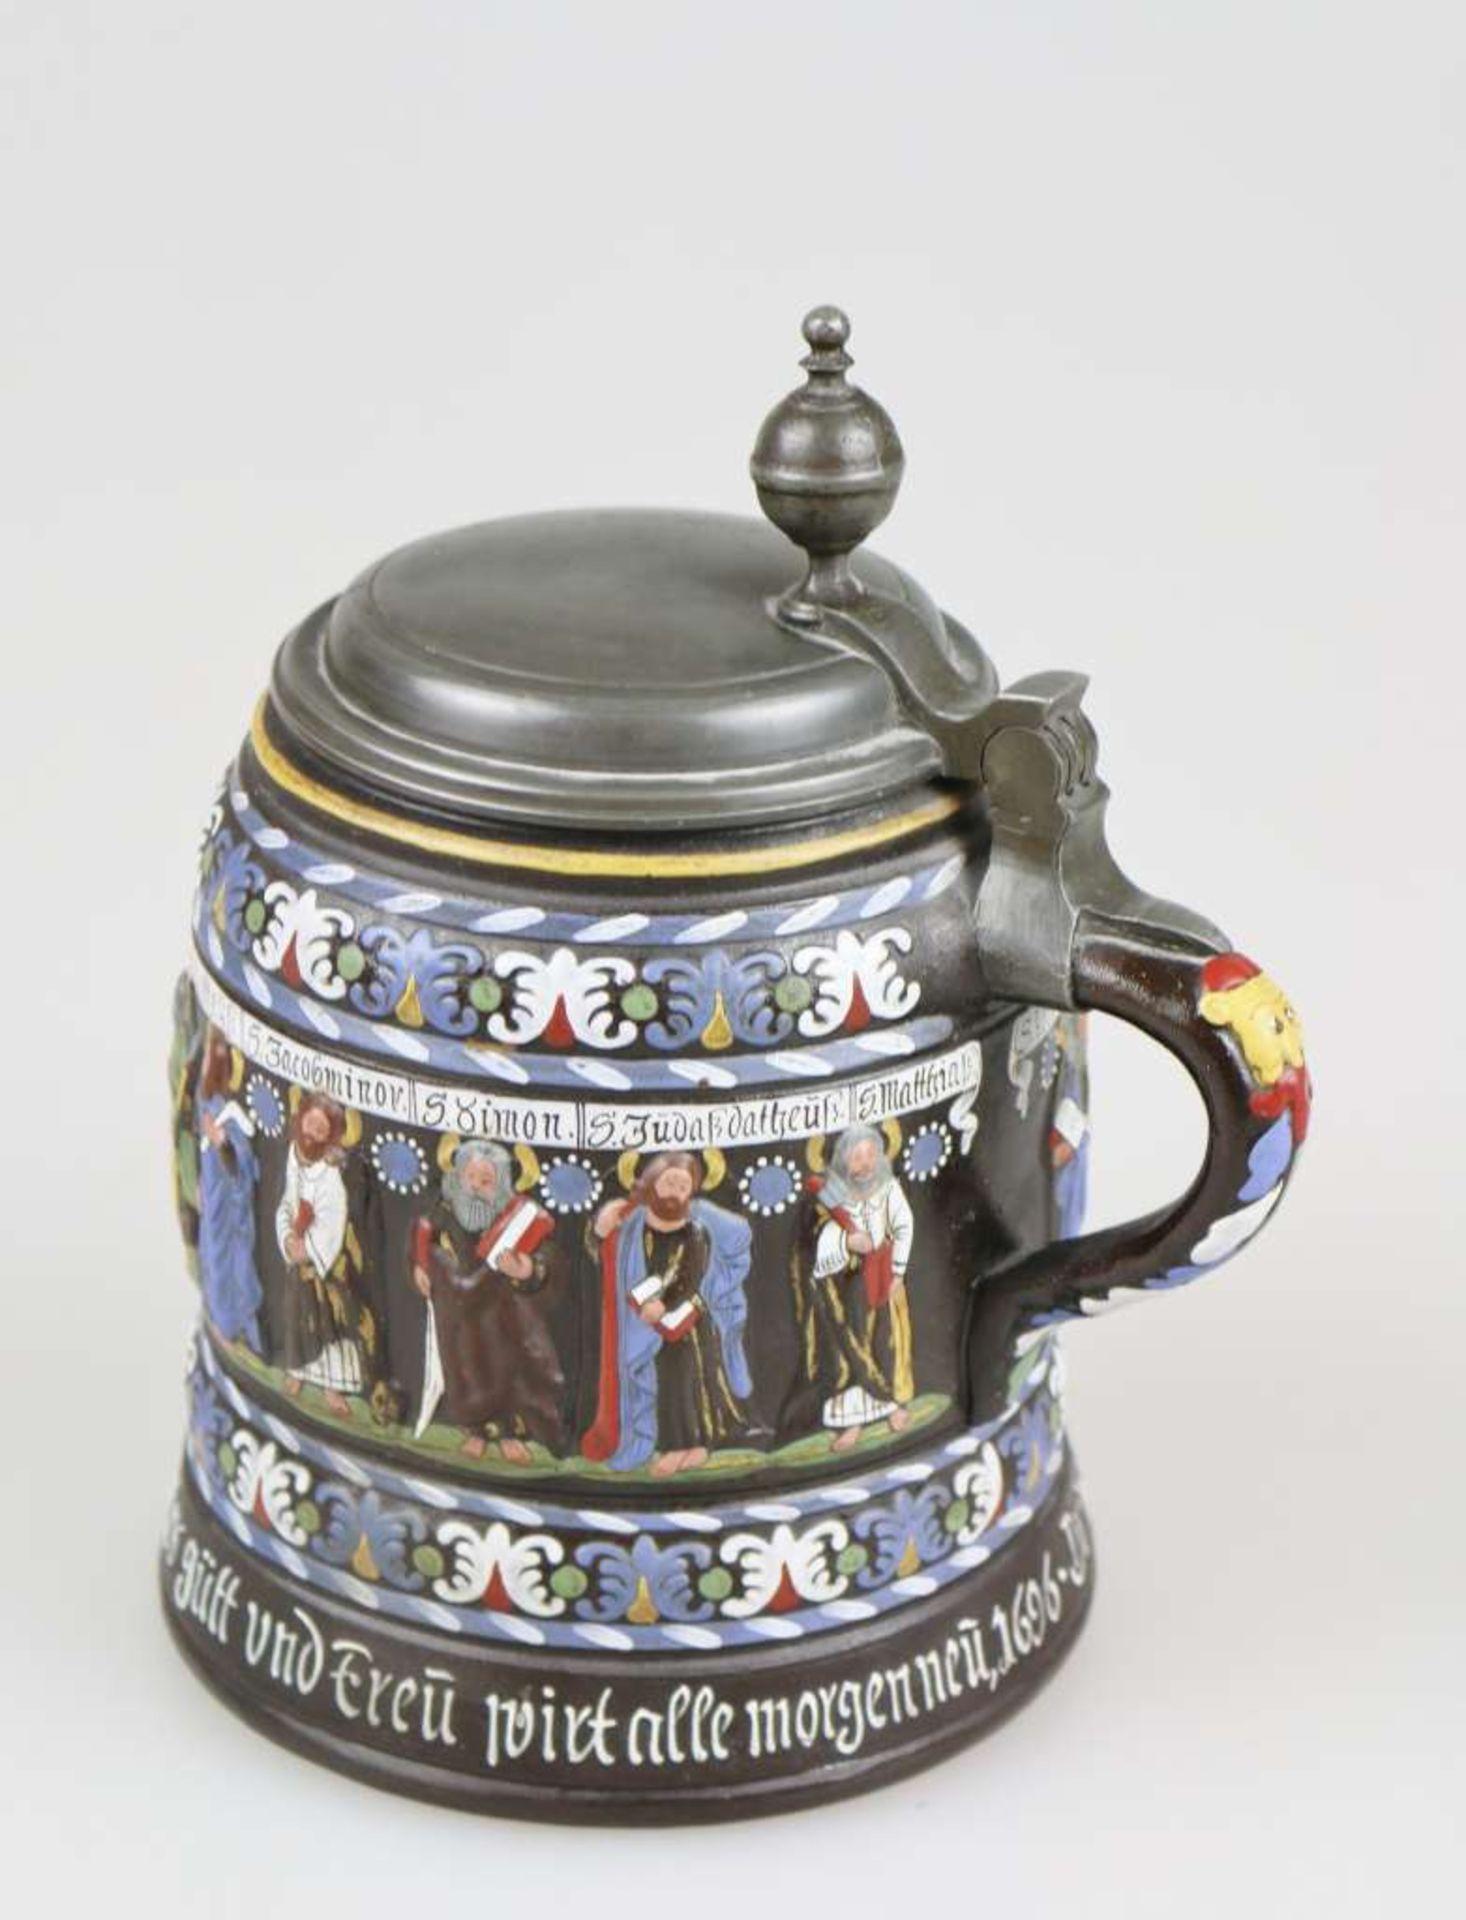 Apostelkrug im Stil der Creusenkrüge, wohl 19./20. Jh., dunkelbraun engobiertes, salzglasierte - Bild 4 aus 4